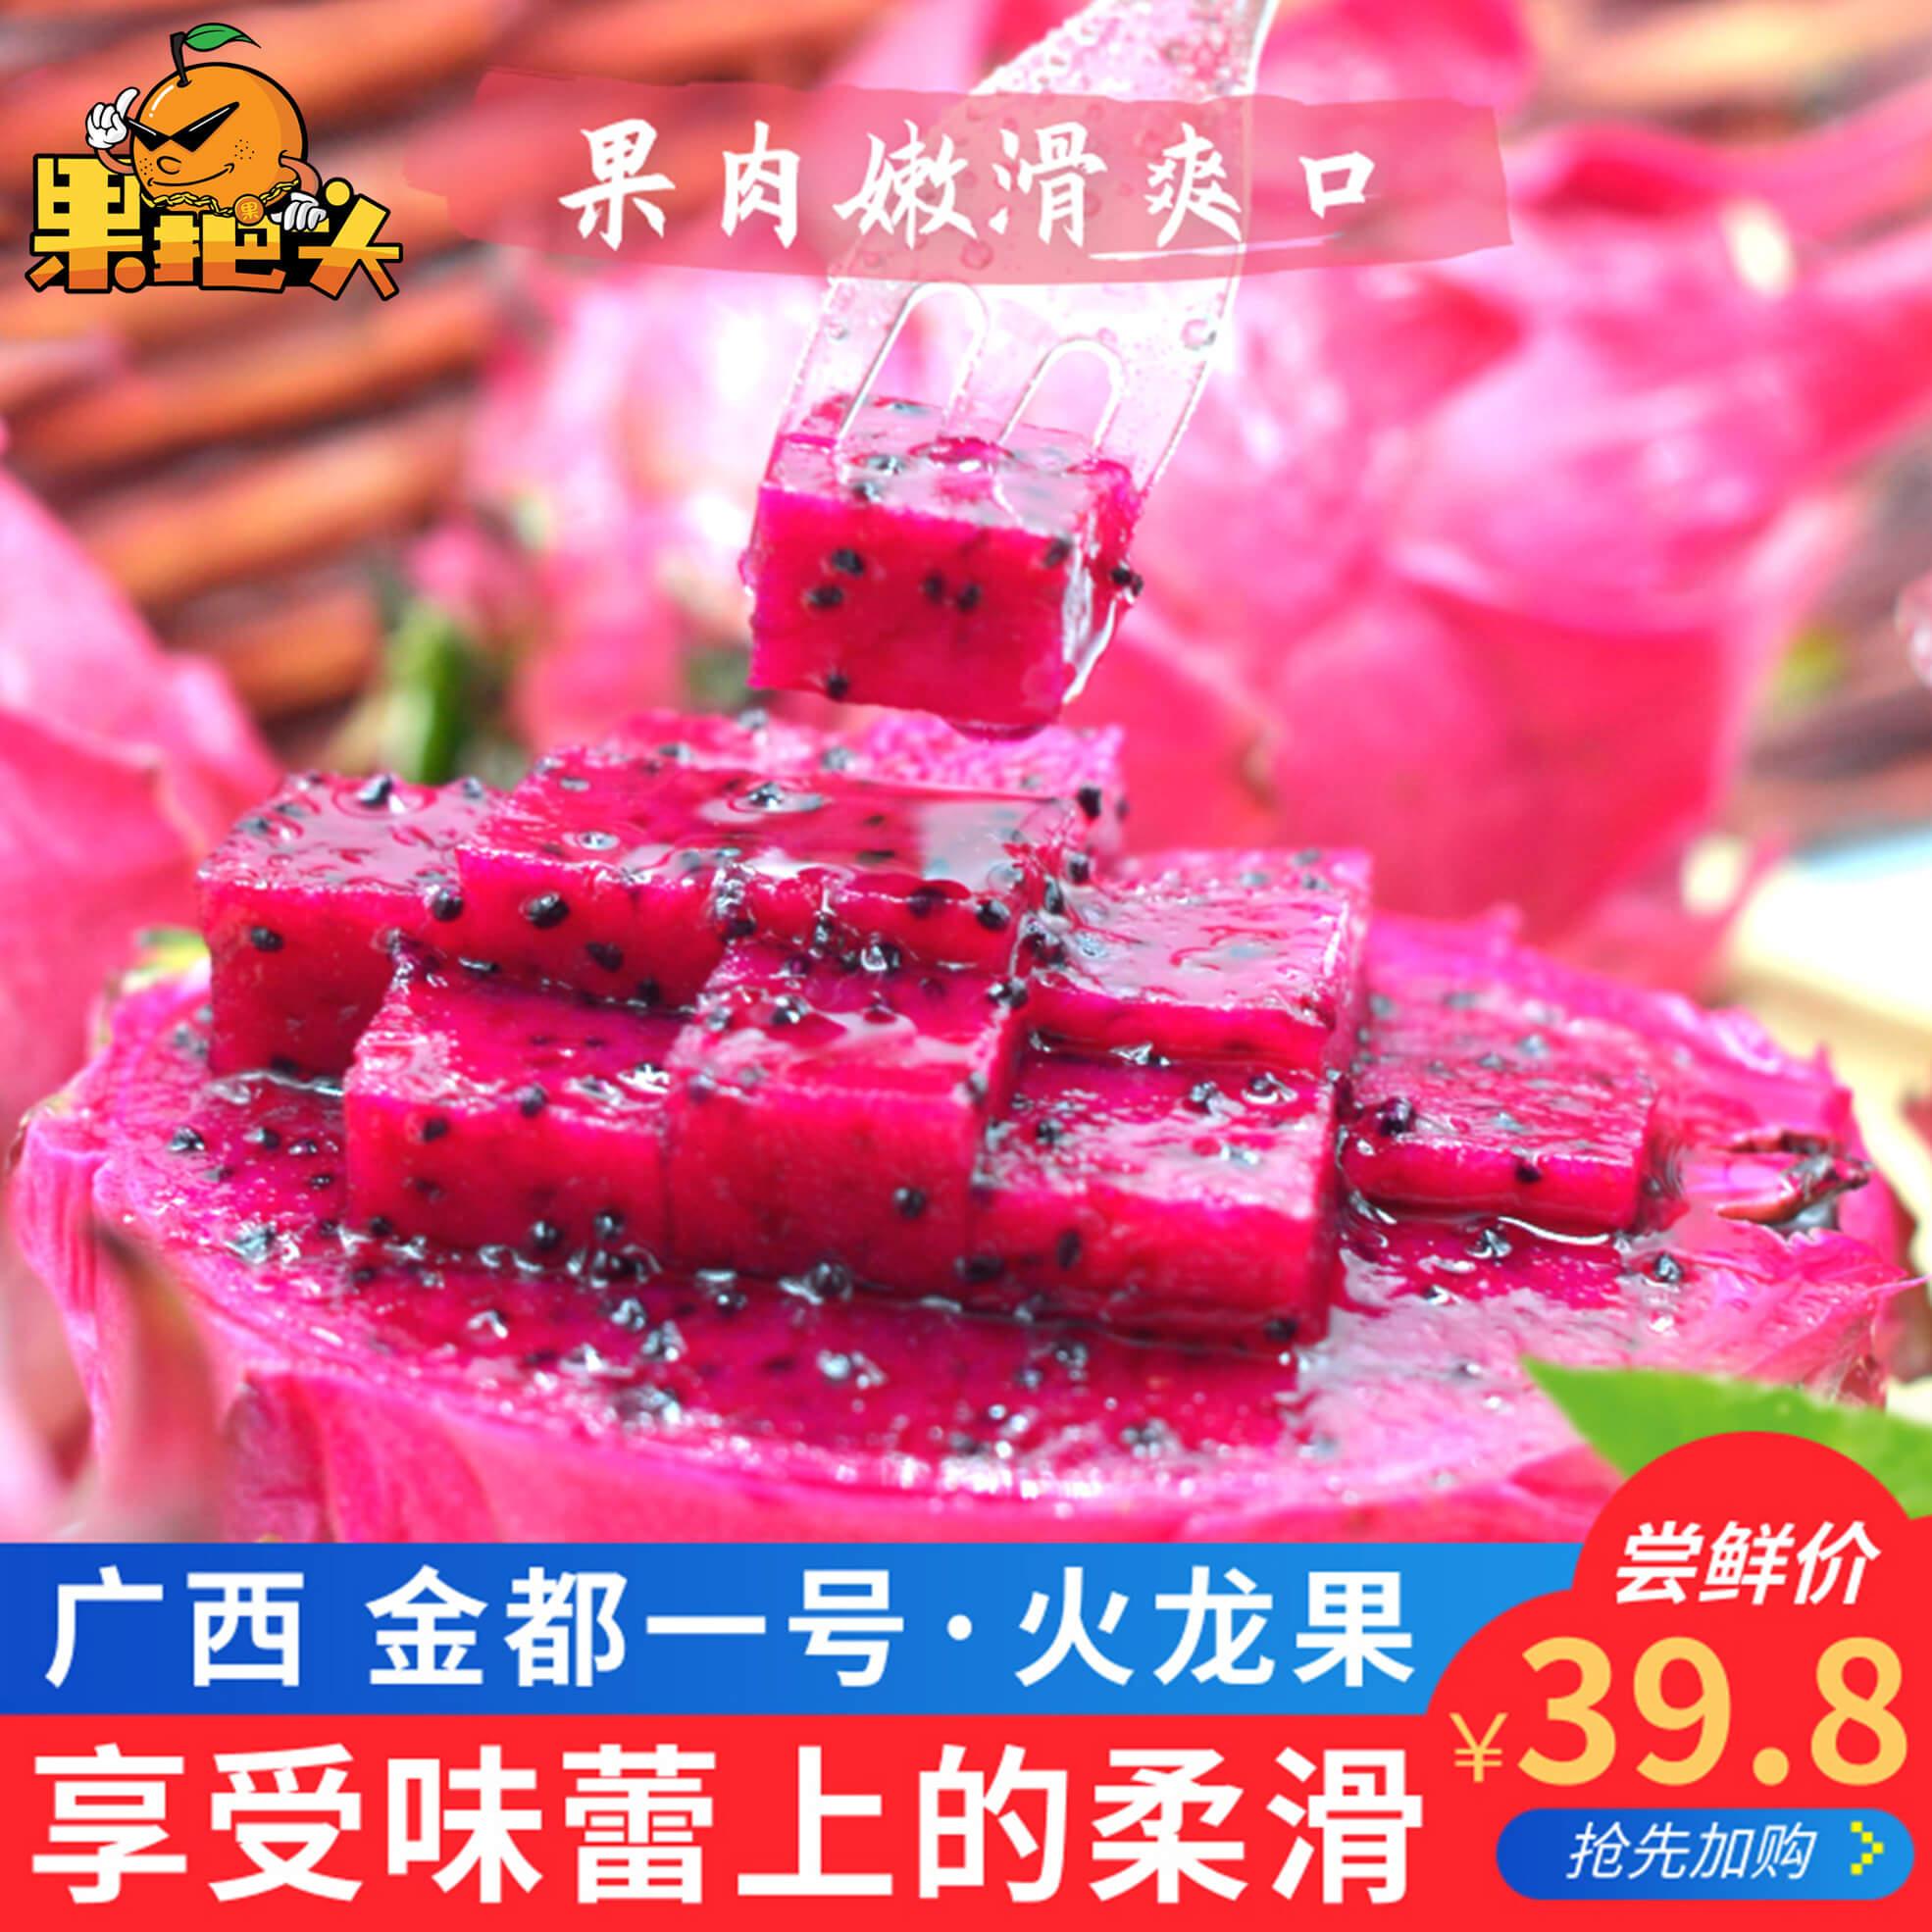 10月10日最新优惠广西金都一号红心火龙果5斤红绣球红肉红龙果新鲜水果包邮10批 发